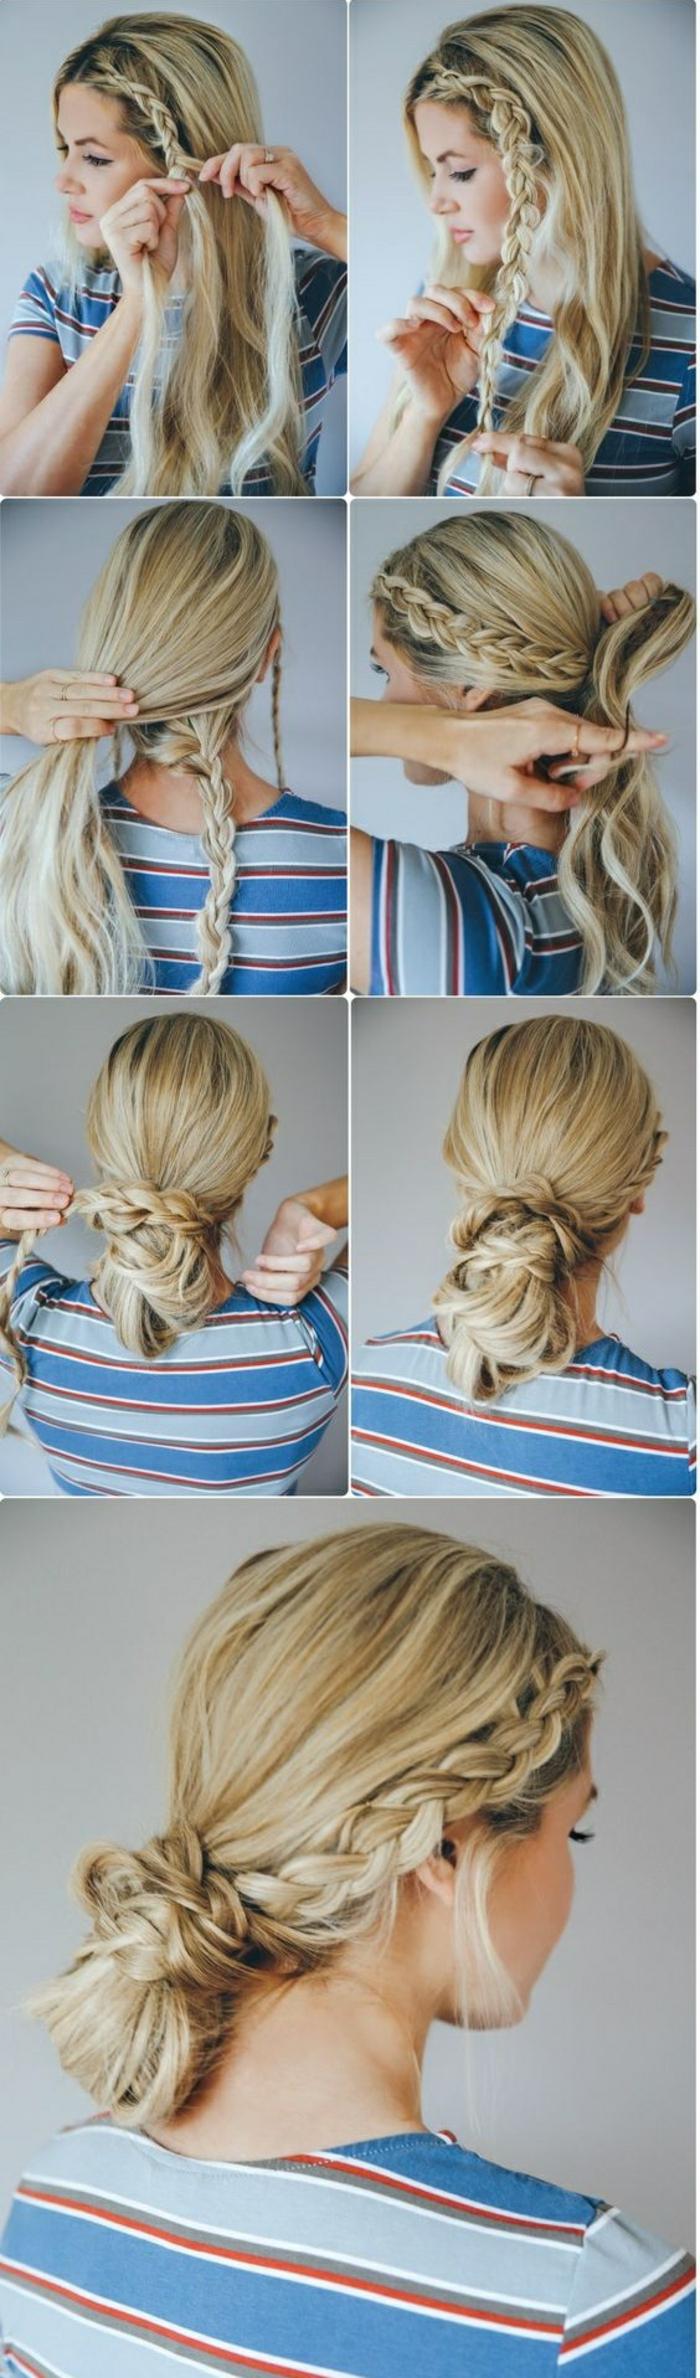 blaue bluse, blonde haare flechten, flechtfrisur mit zöpfen